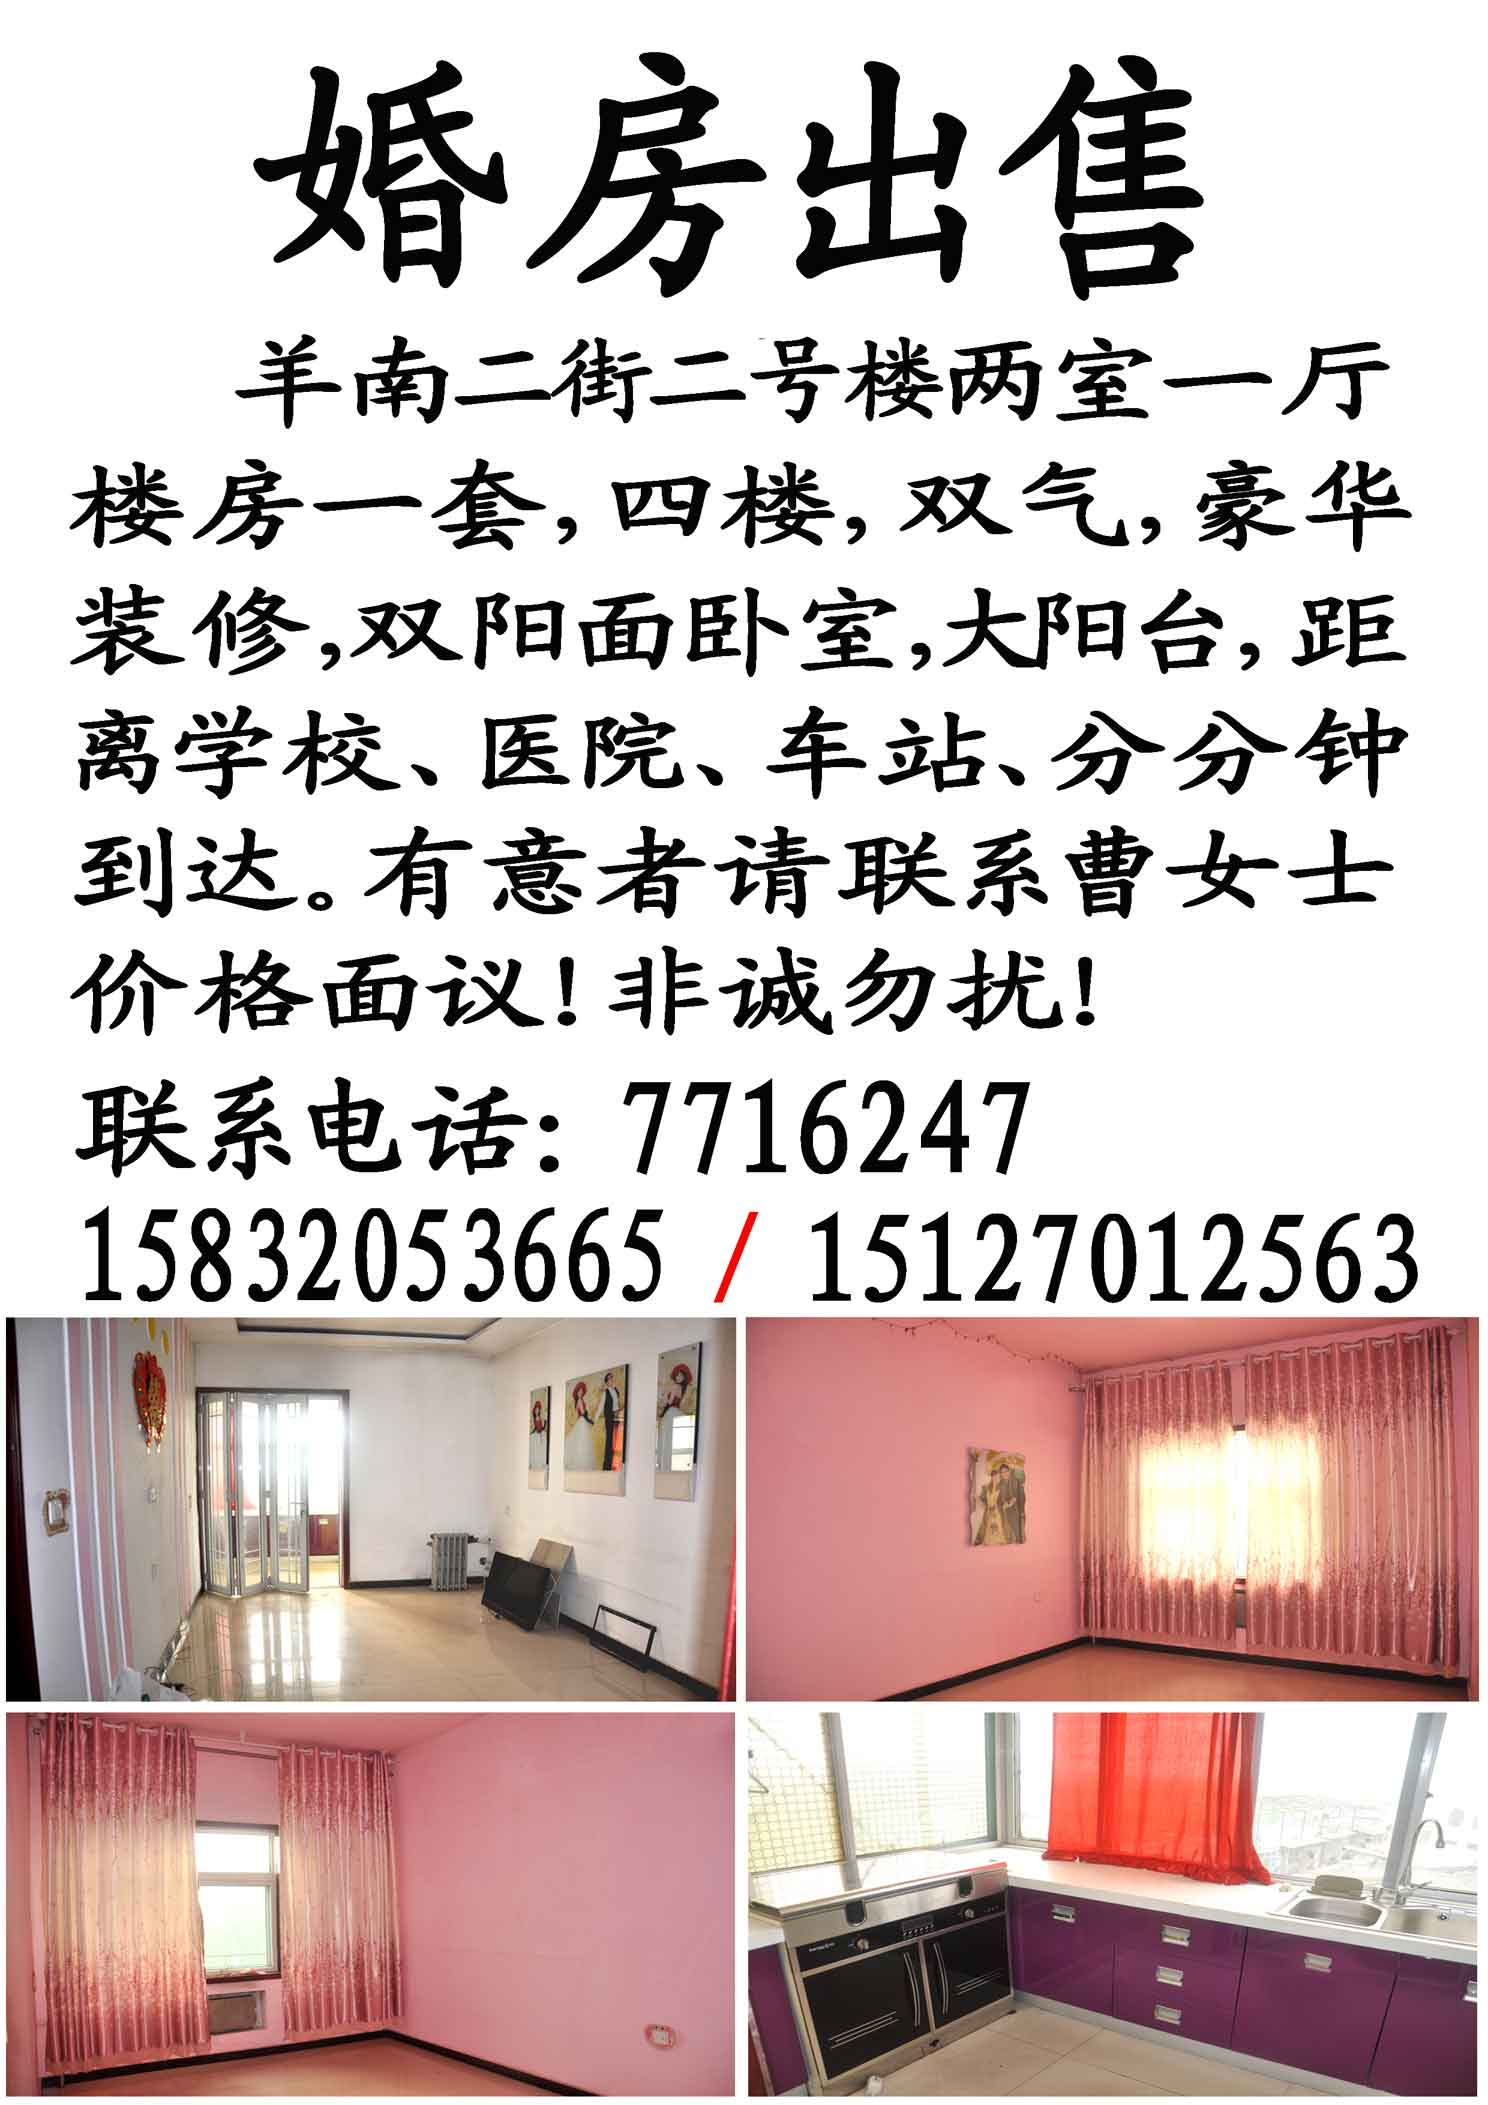 婚房出售峰峰矿区羊一 矿羊南二街2室1厅1卫 60�O